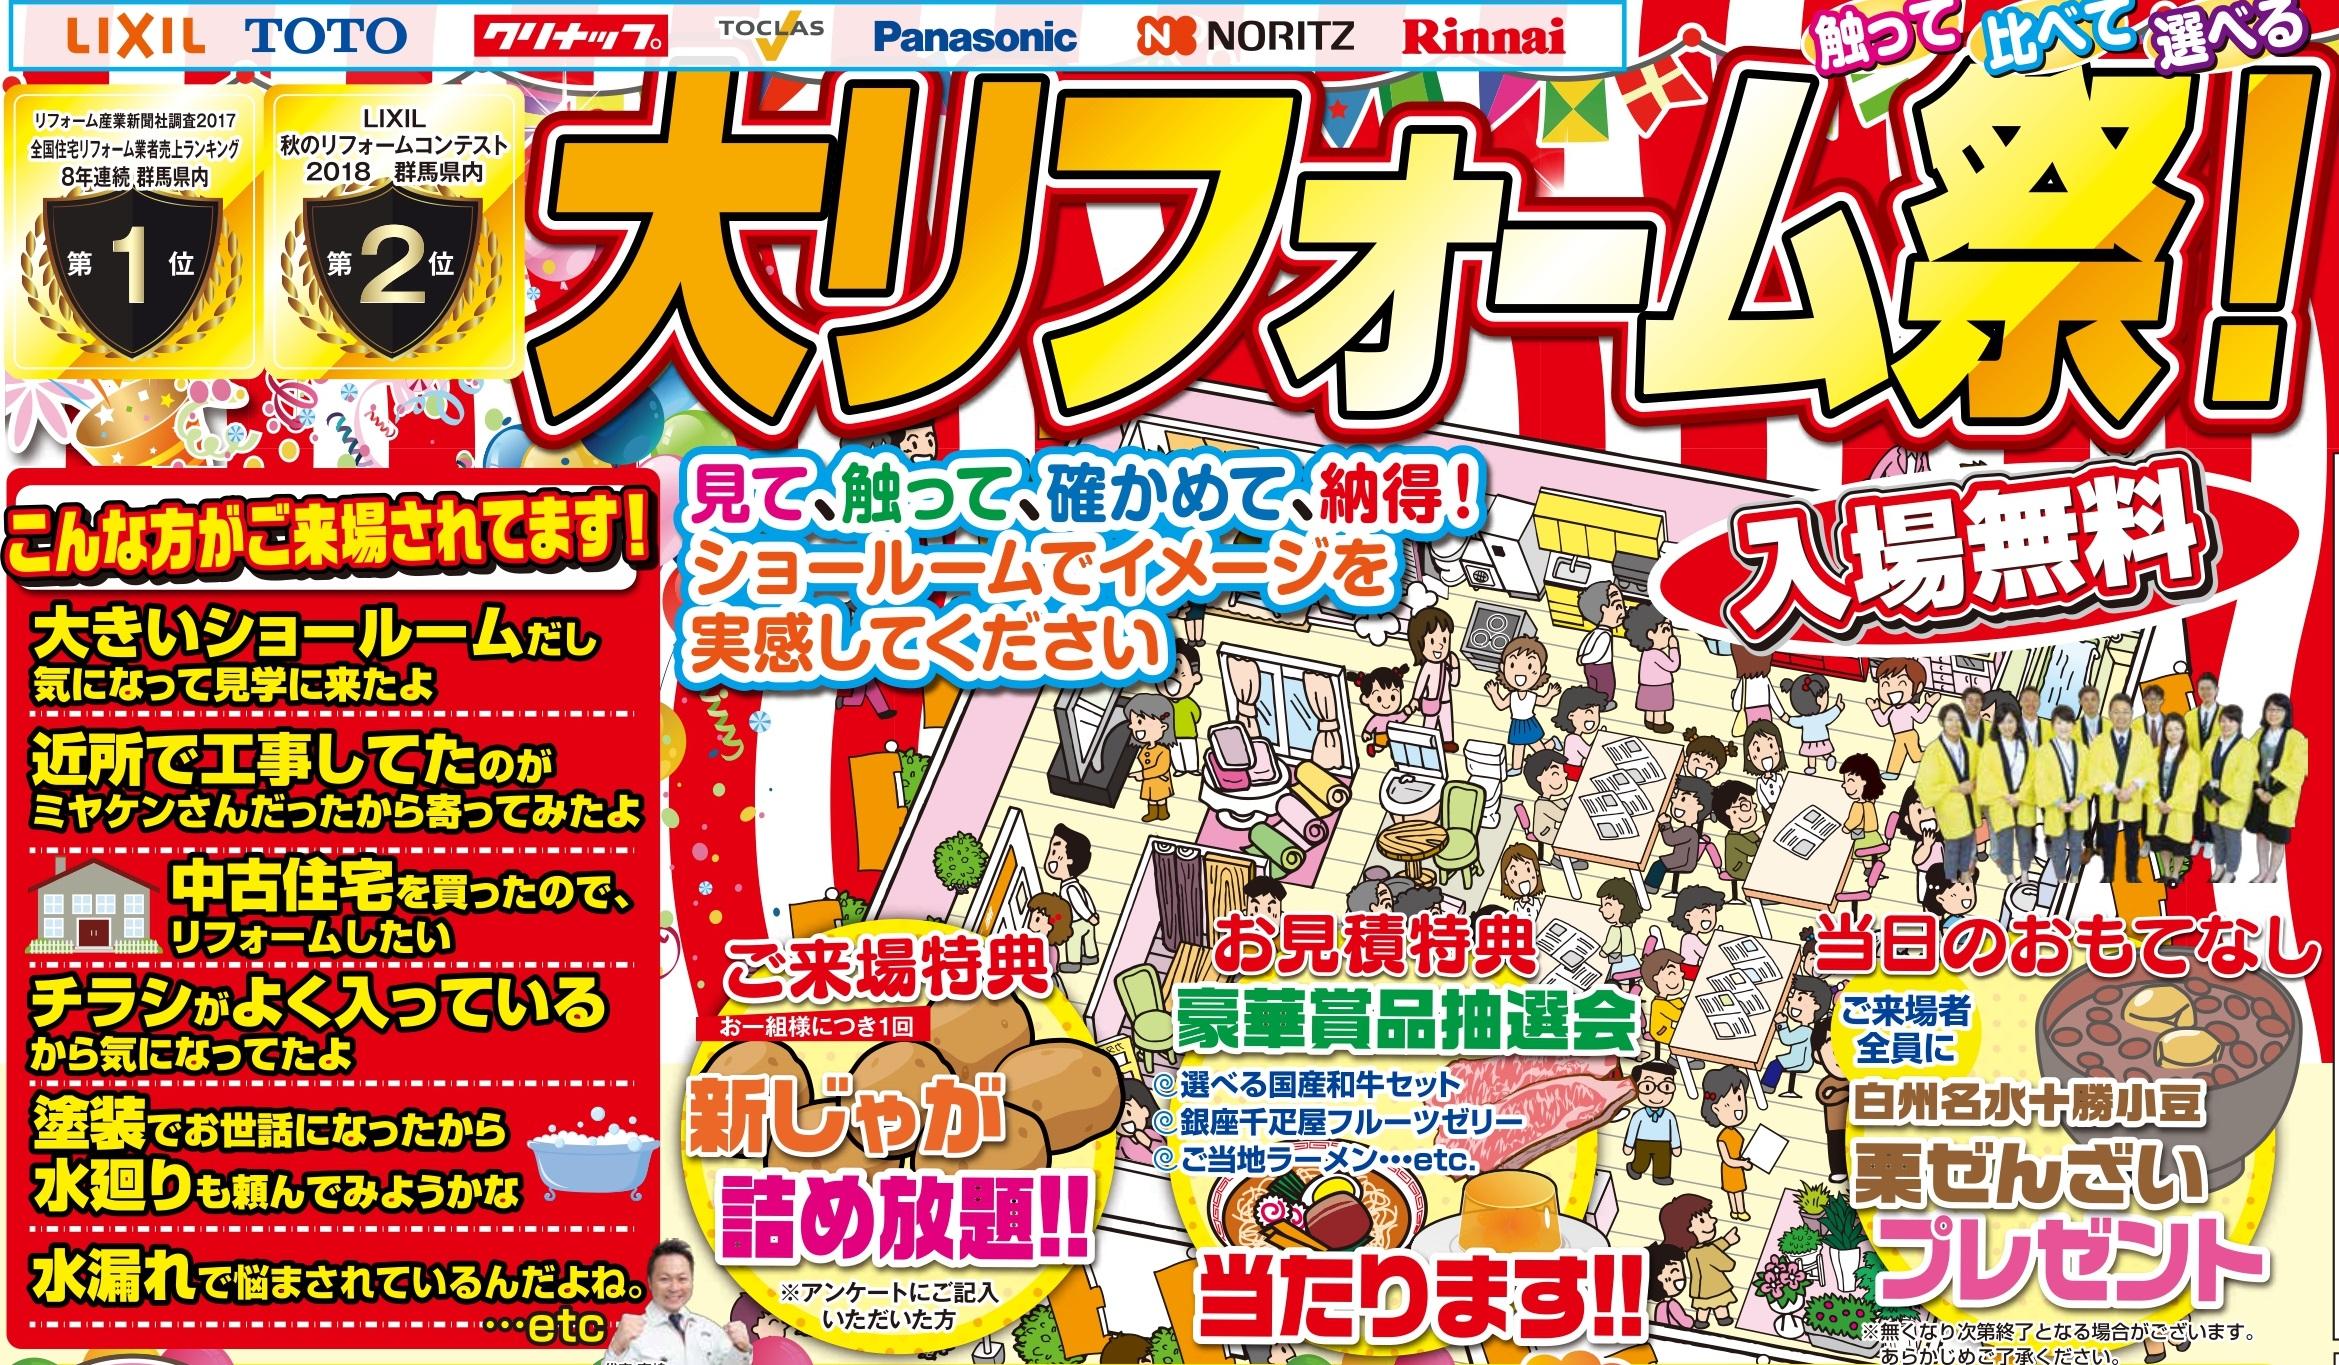 4月13日・14日は前橋・高崎会場にてリフォームイベントを開催します♪